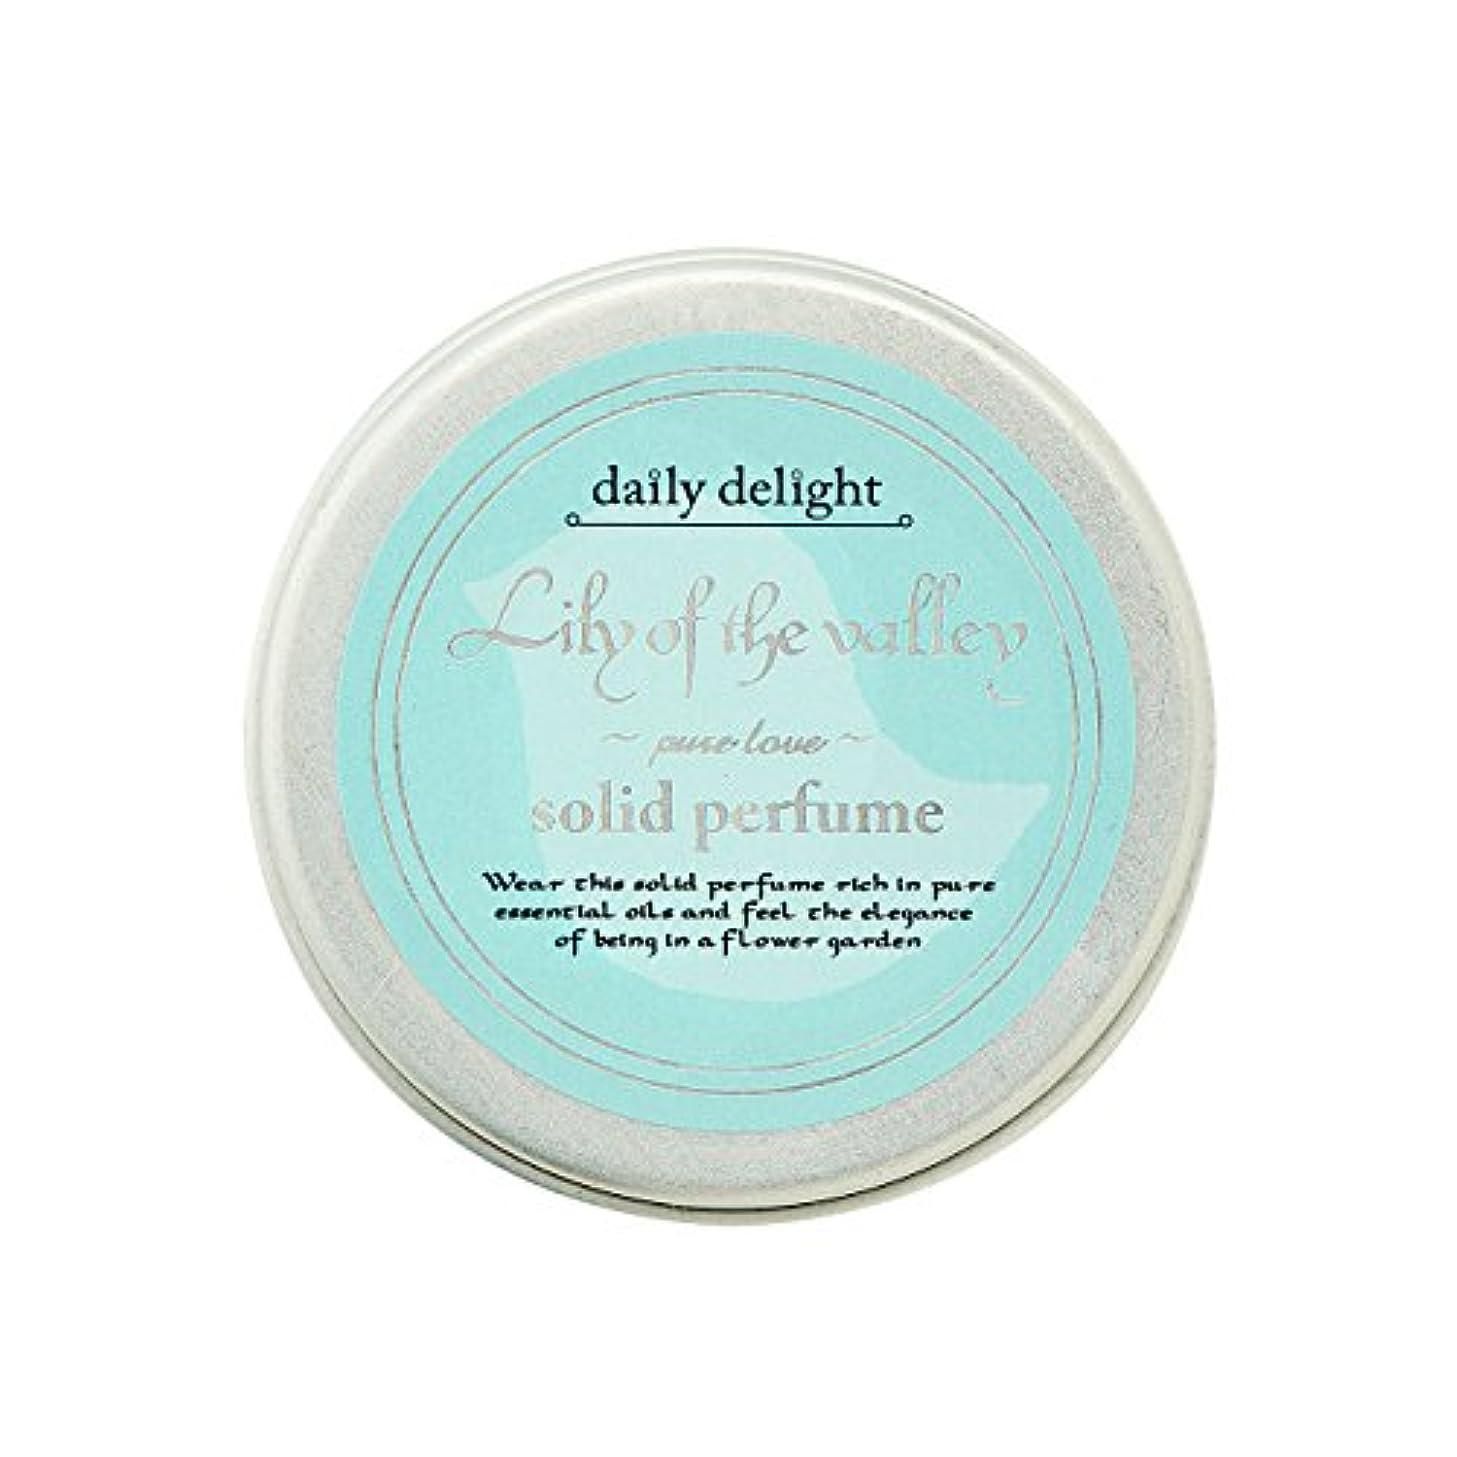 化合物阻害する口実デイリーディライト 練り香水 スズラン  10g(香水 携帯用 ソリッドパフューム アルコールフリー さわやかな透明感のあるスズランの香り)